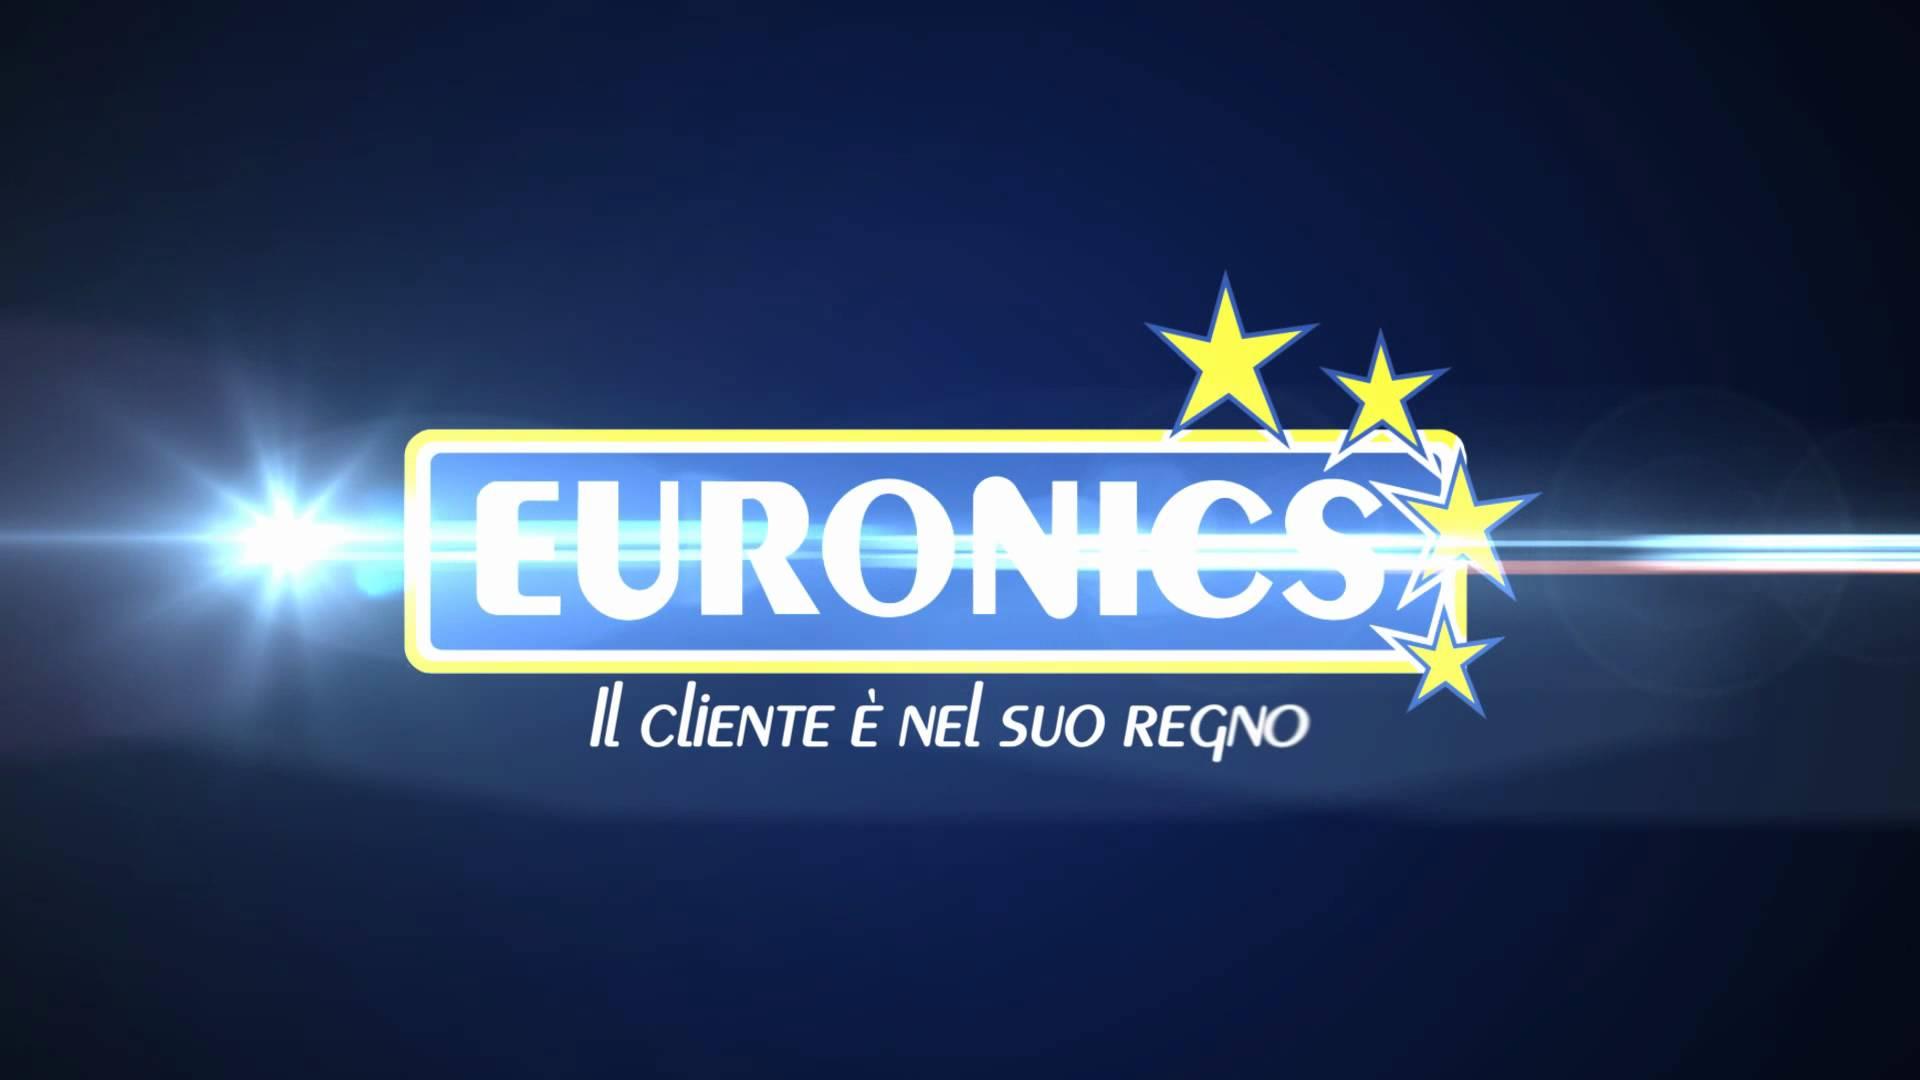 Euronics lancia il volantino sconti caldi rate al freddo for Nuovo volantino acqua e sapone sicilia